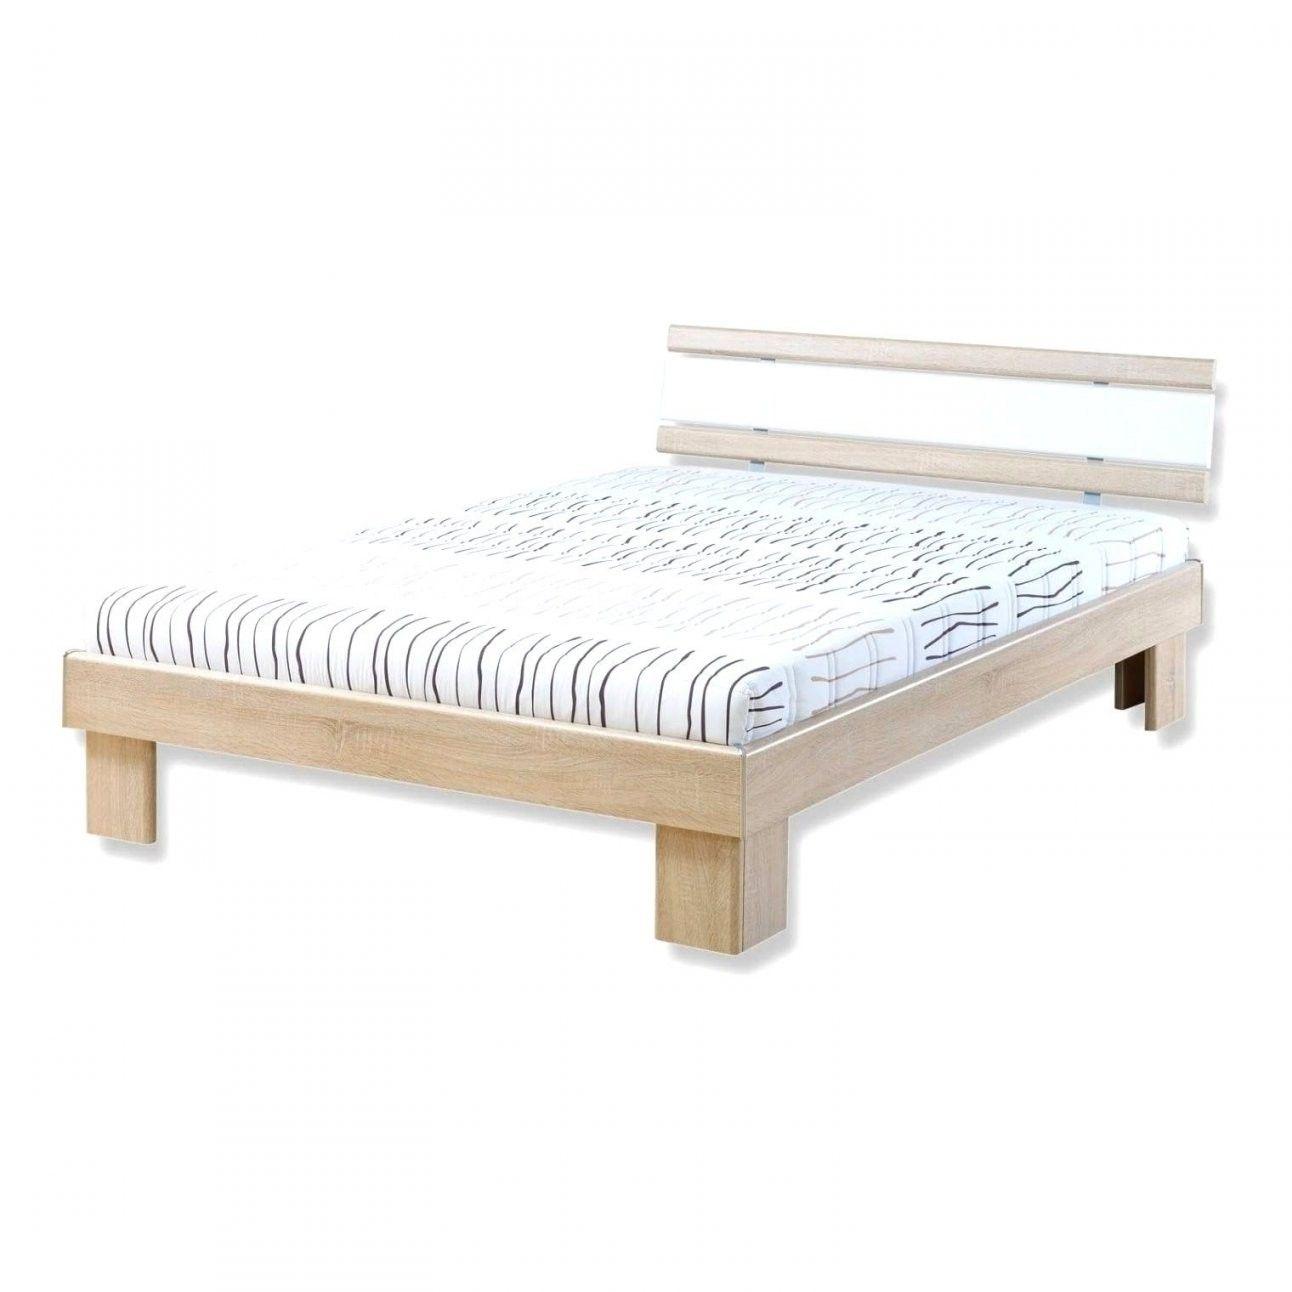 180x200 Bett Lattenrost Matratze Bett Komplett 180x200 Luxus Von Roller Betten 180x200 In 2020 Schlafzimmer Inspirationen Schlafzimmer Set Betten Kaufen